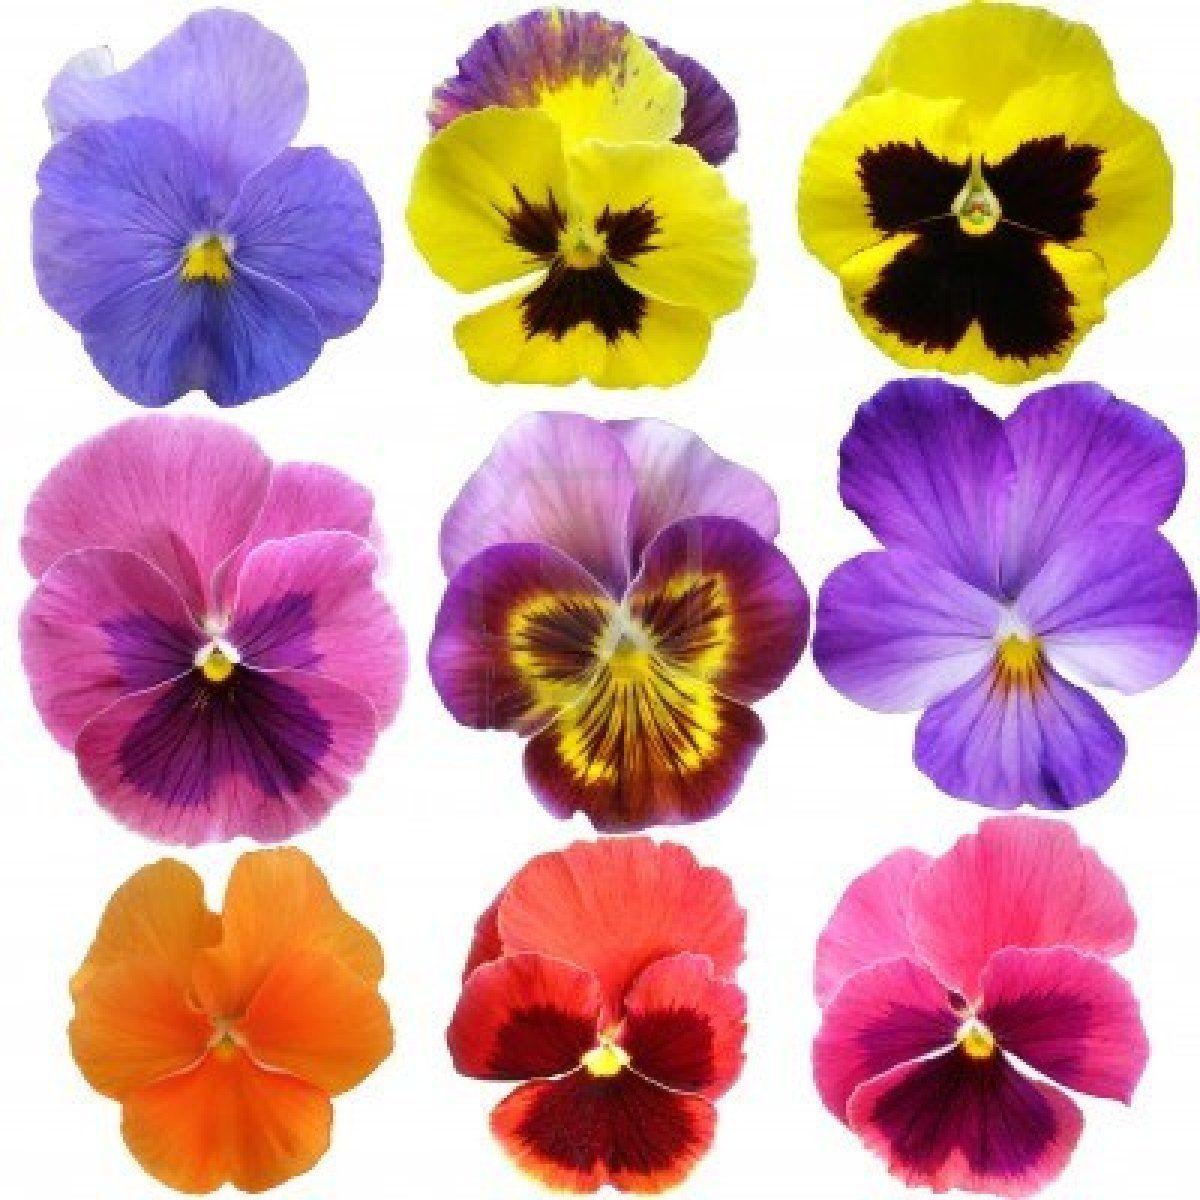 Stock Photo Amores Perfeitos Arte Em Aquarela Violetas